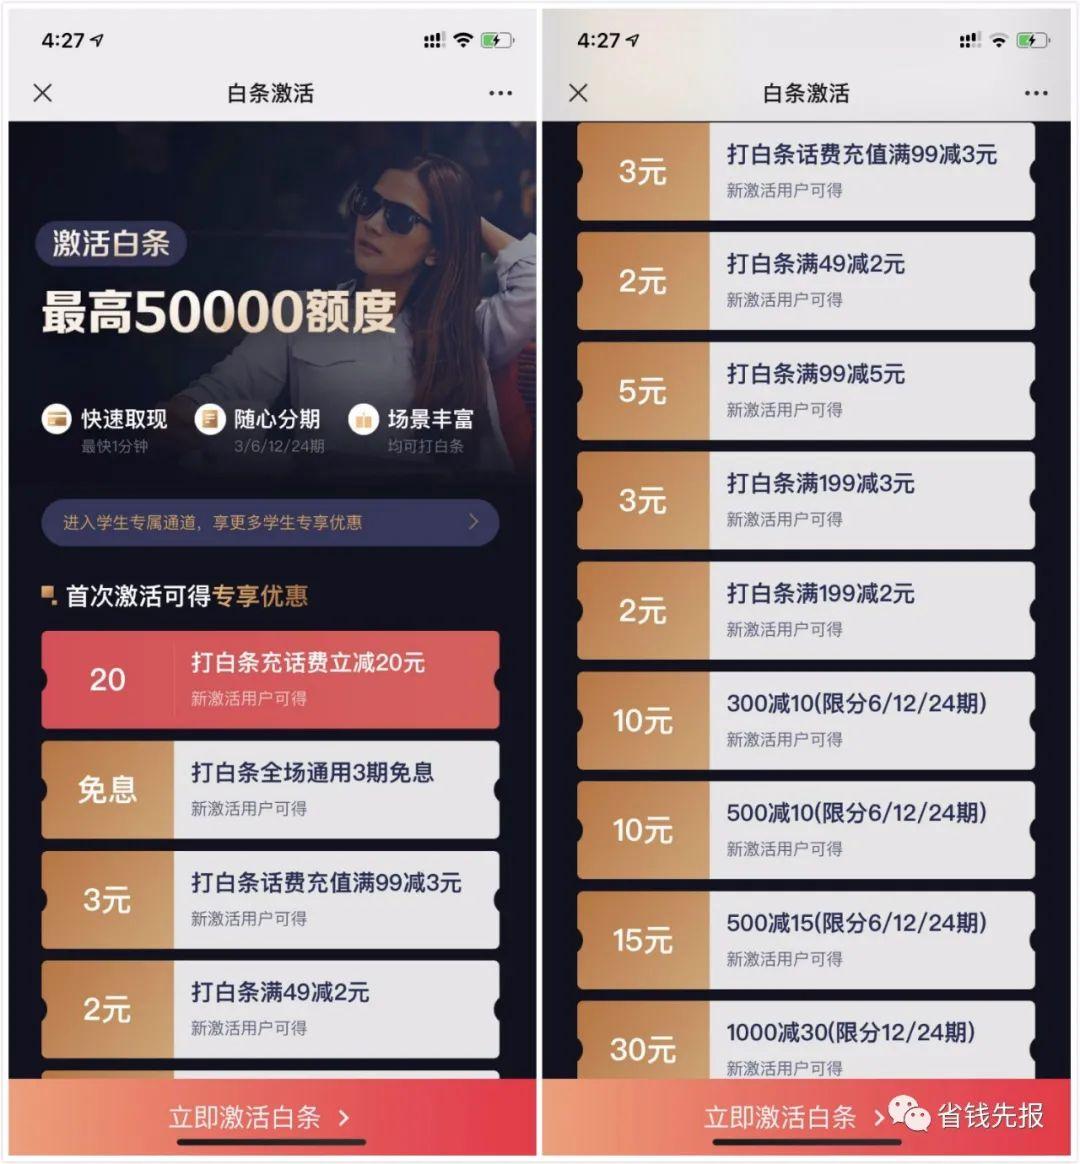 京东白条新老用户领20+5元、京东所有用户领200个京豆!